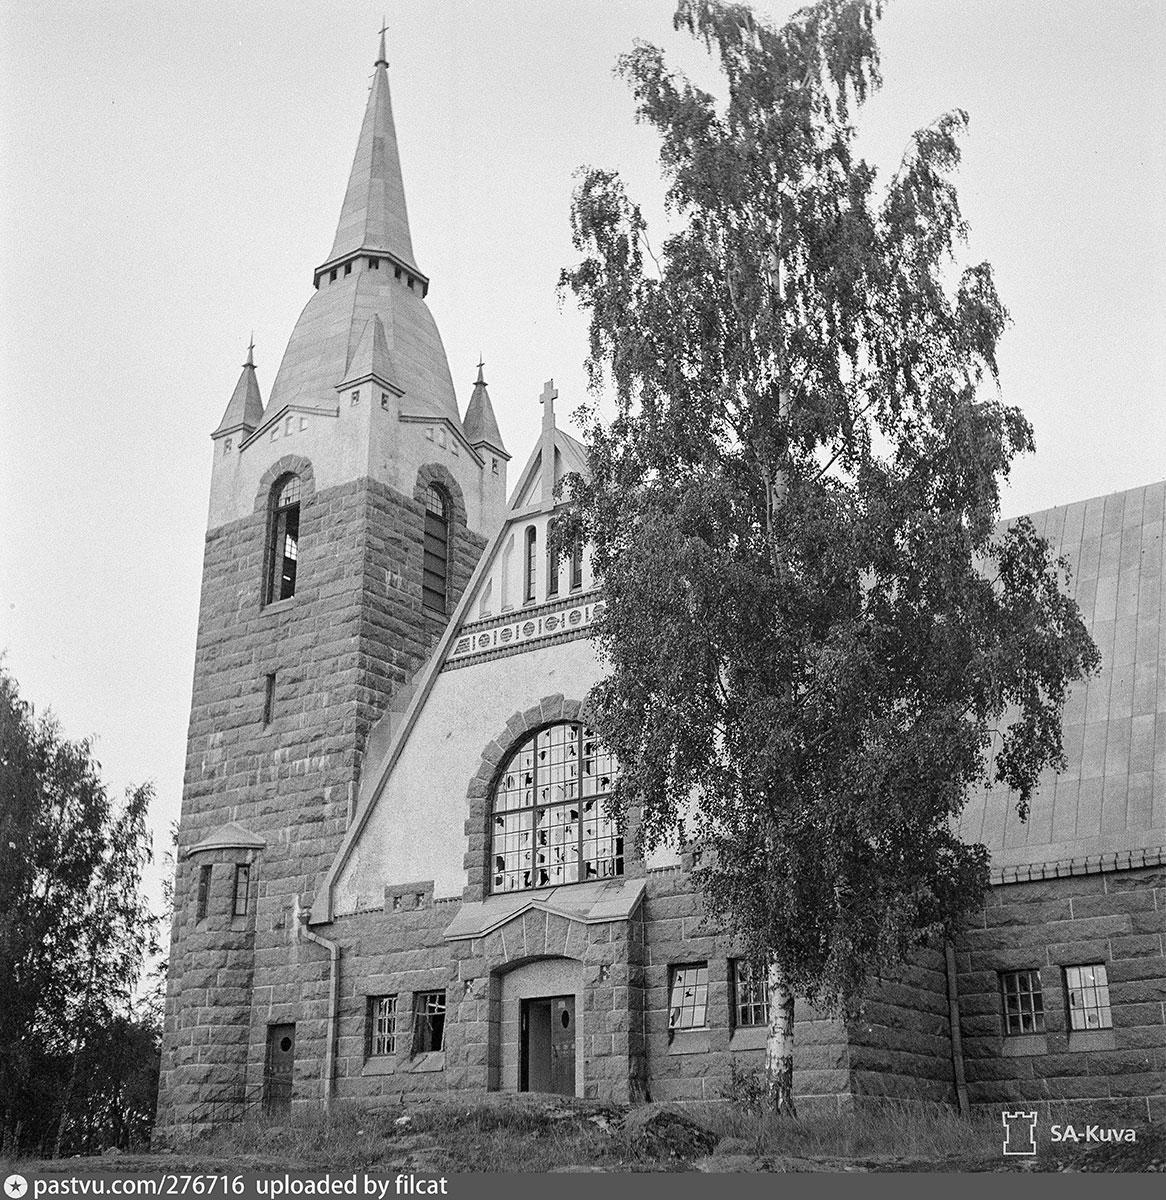 Лютеранская кирха в Ряйсяля, Ленинградская область